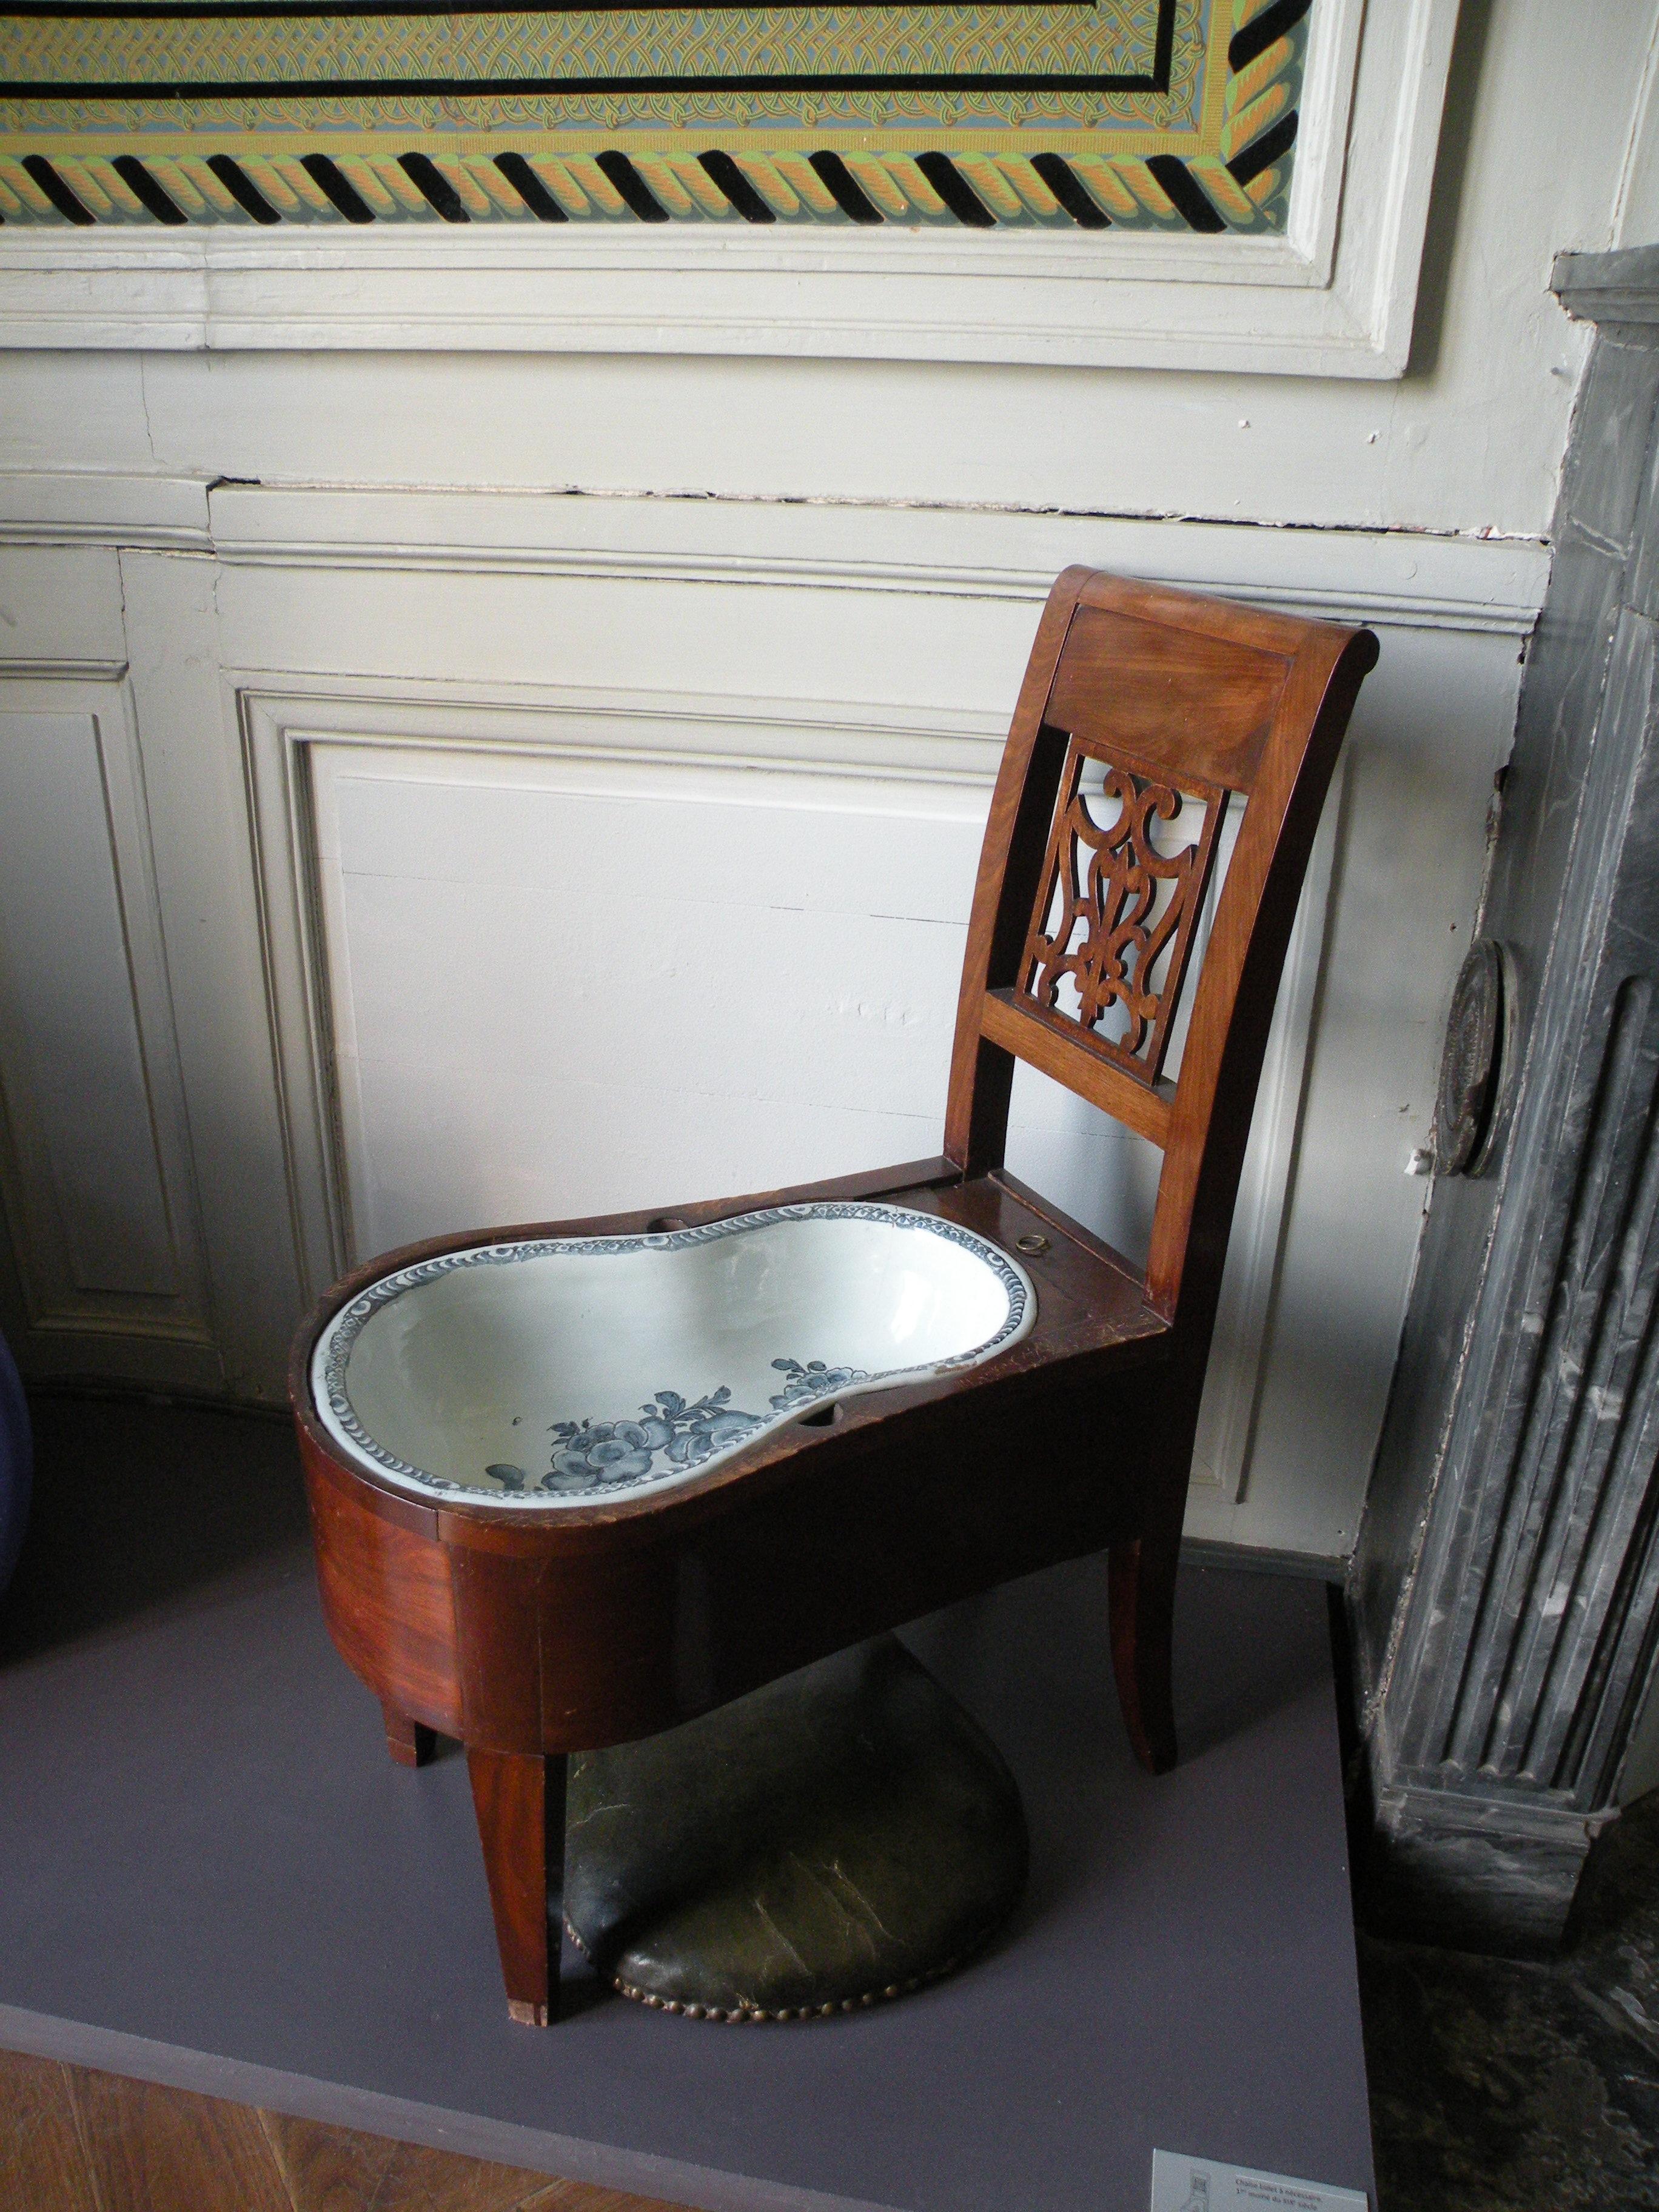 File ch teau de la roche guyon chaise bidet jpg for Brouilly chateau de la chaise